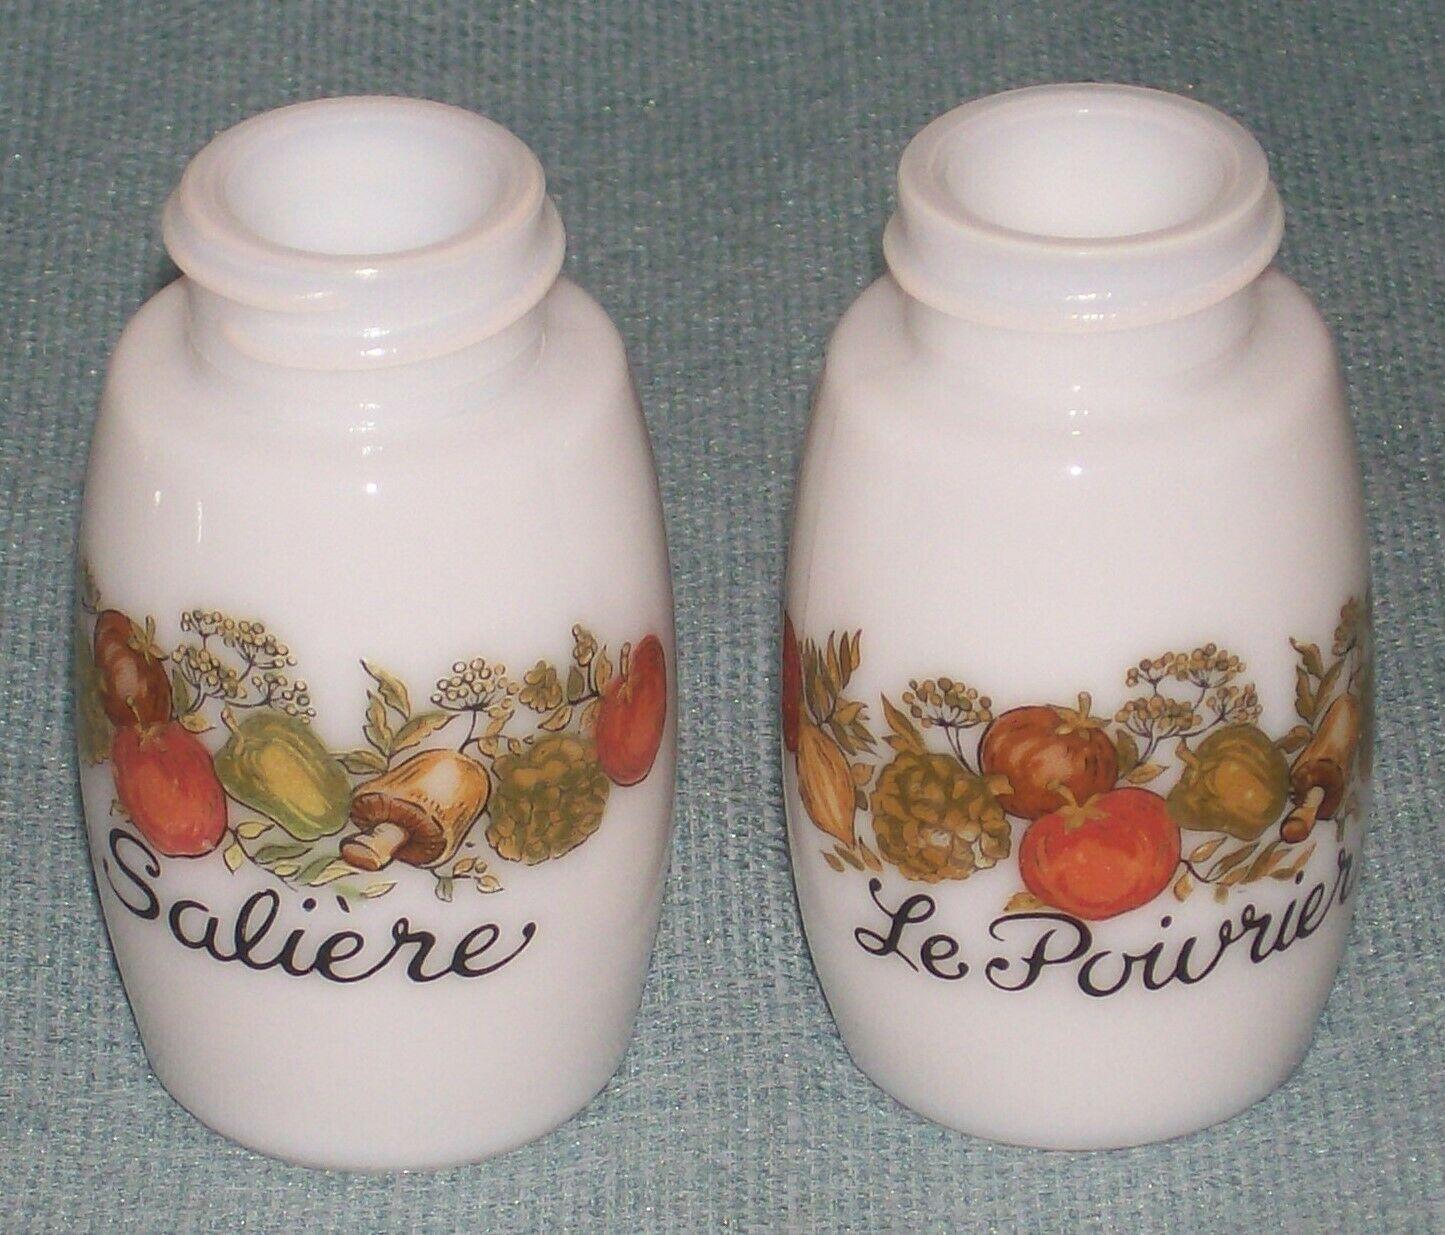 Vtg SPICE OF LIFE Salt and Pepper Shakers- ChromeTops -Corelle Gemco Corning GU  image 3